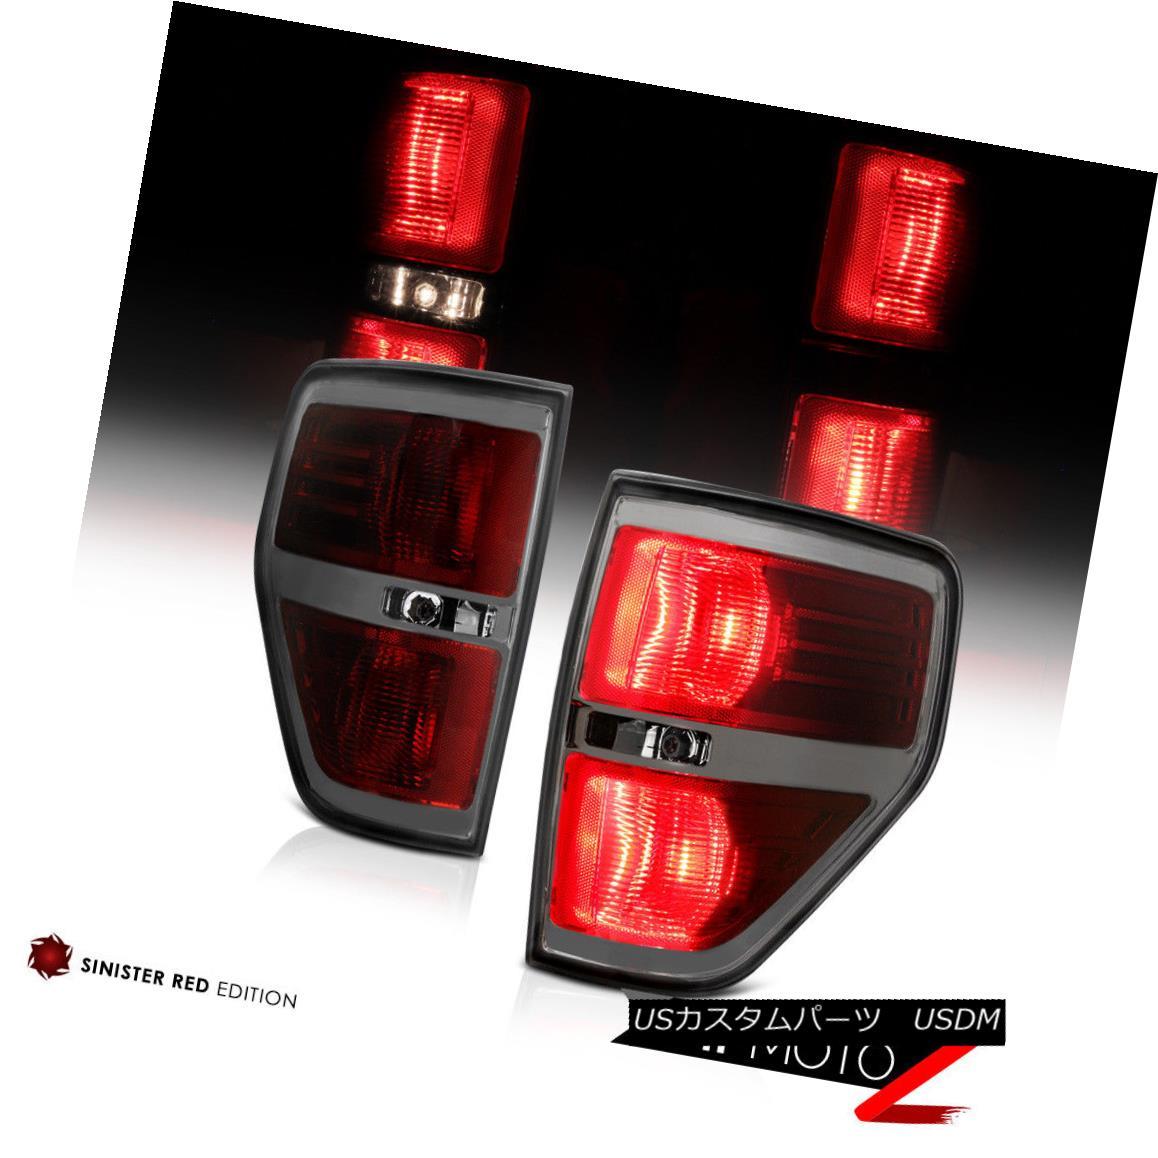 テールライト Smoked Red Parking Brake Tail Lamps Assembly Pair For 2009-2014 Ford F-150 Truck スモークレッドパーキングブレーキテールランプ組立ペア2009-2014フォードF-150トラック